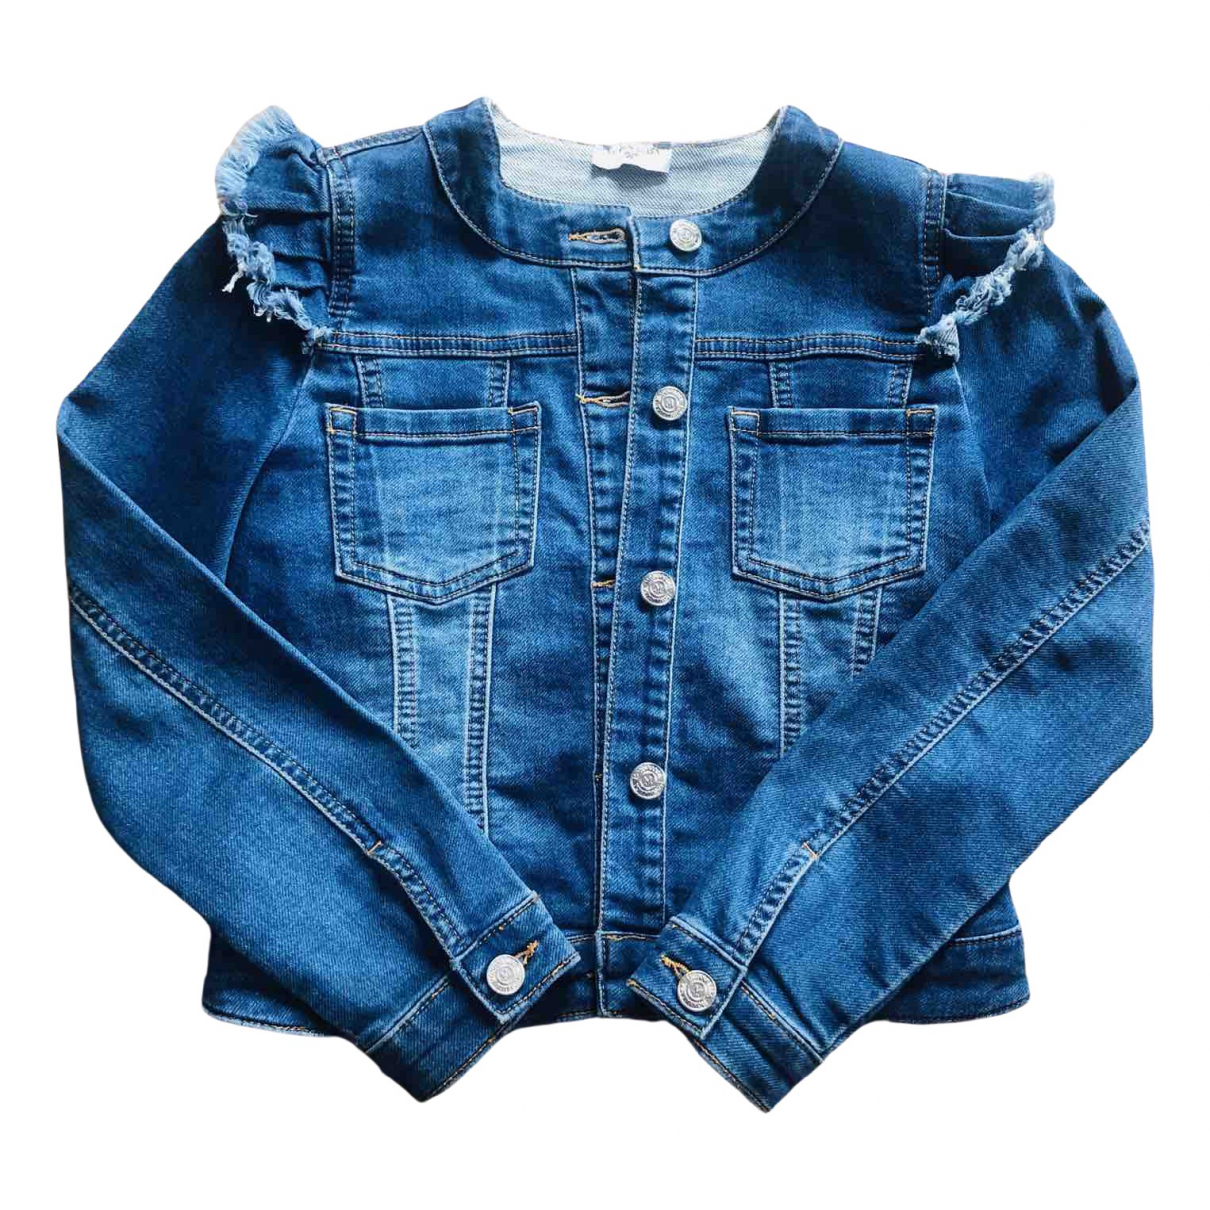 Monnalisa \N Jacke, Maentel in  Blau Denim - Jeans